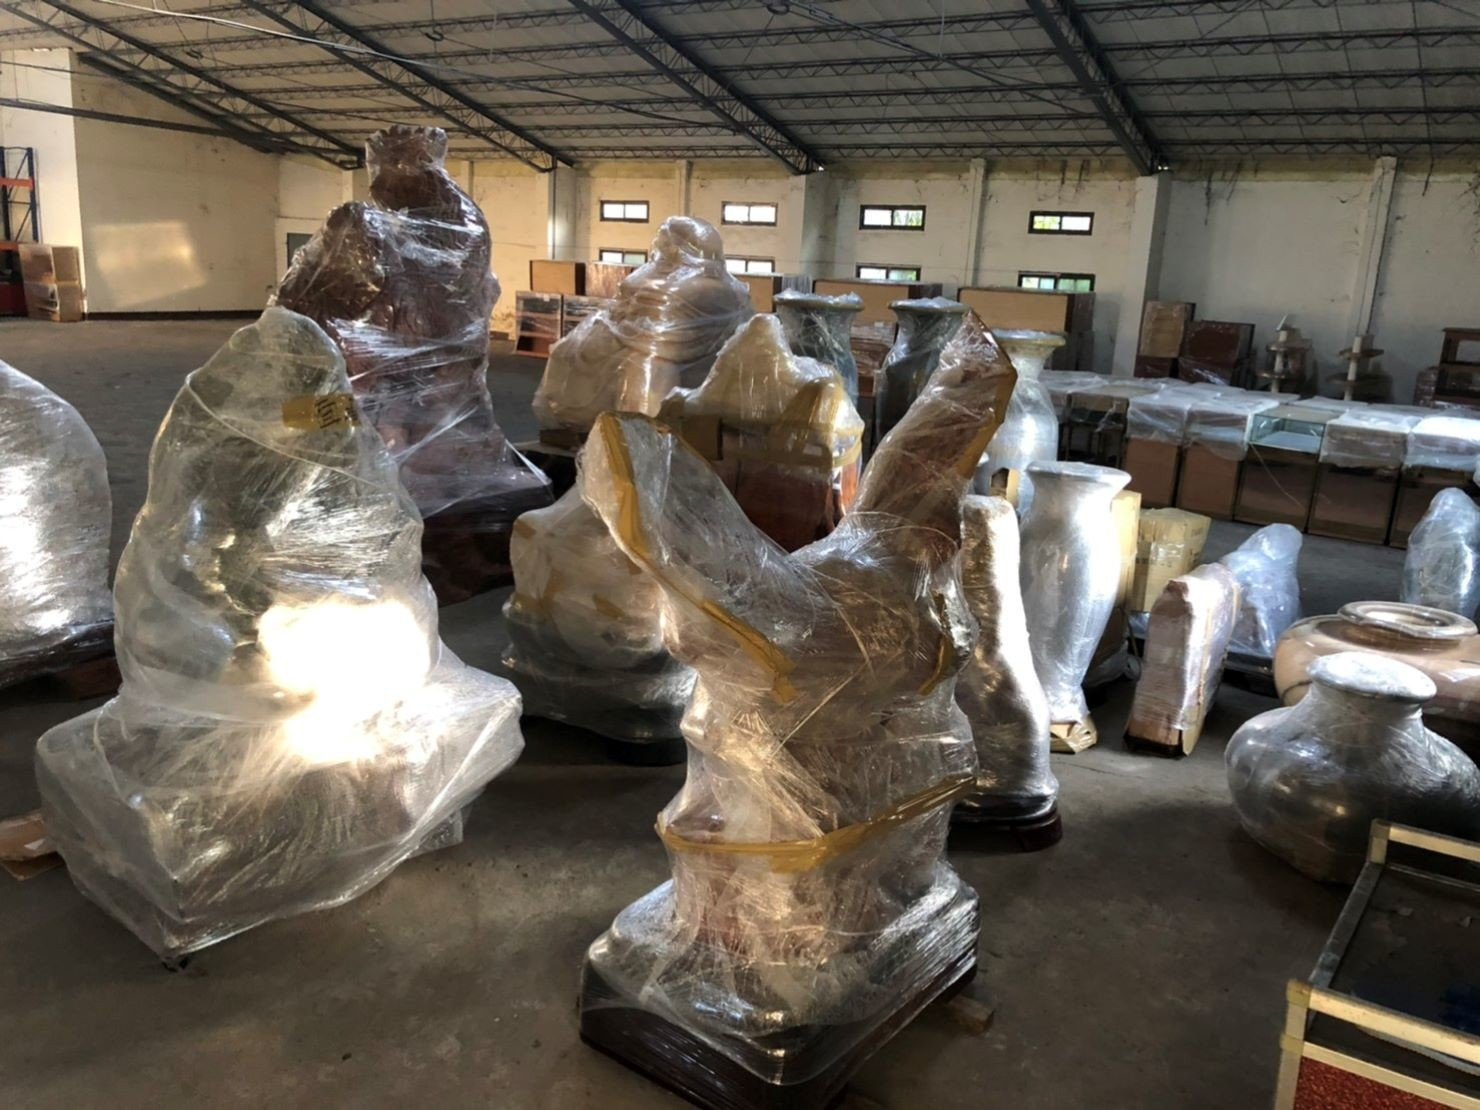 搬佛像、搬花器、搬花瓶、搬石雕【榮福搬家公司】搬家公司首選、台北搬家、新北搬家公司推薦:搬重物、佛像、玉石、原石搬運服務,包裝搬運、打包裝箱「細膩包裝、專業搬運、用心服務、以客為尊」是榮福搬家公司的宗旨與精神。歡迎立即來電02-2651-2727專人服務。